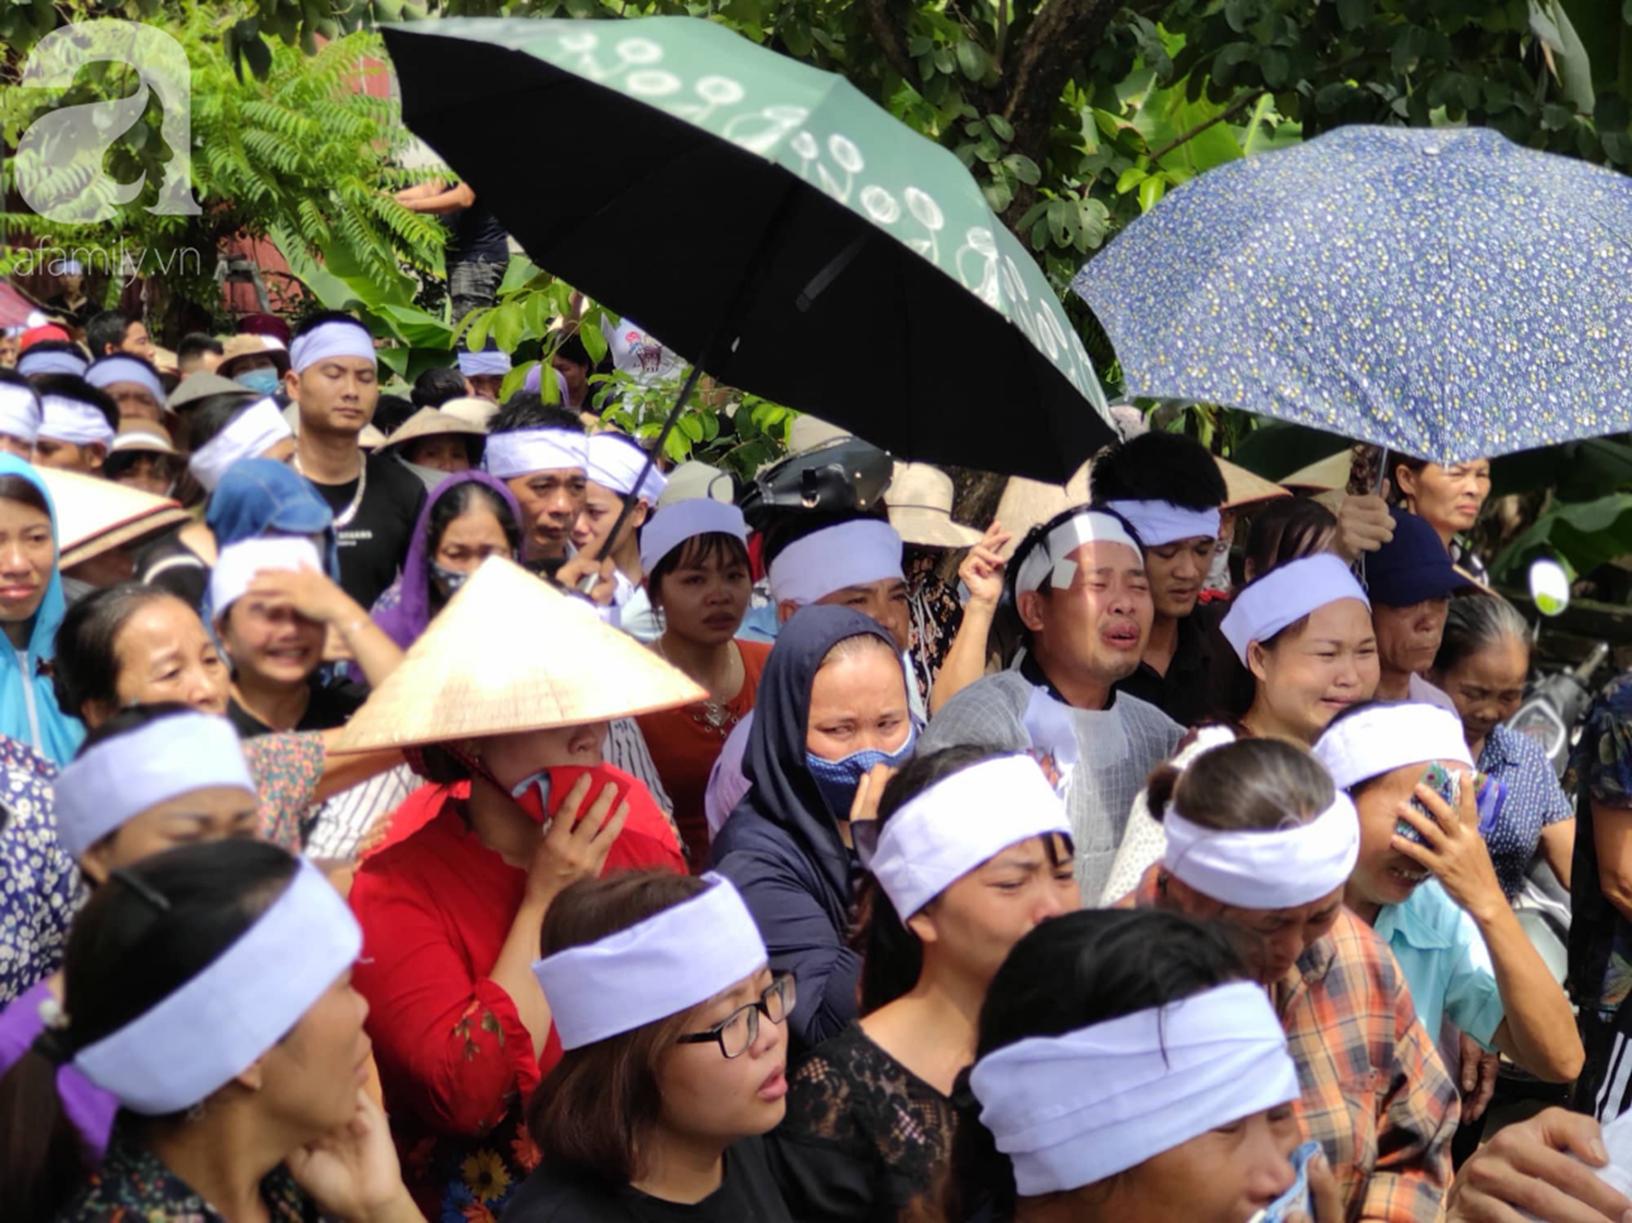 Hình ảnh đau xót: Hàng trăm người dân khóc nghẹn trong buổi tiễn biệt vợ chồng người em bị anh trai truy sát ở Đan Phượng-4